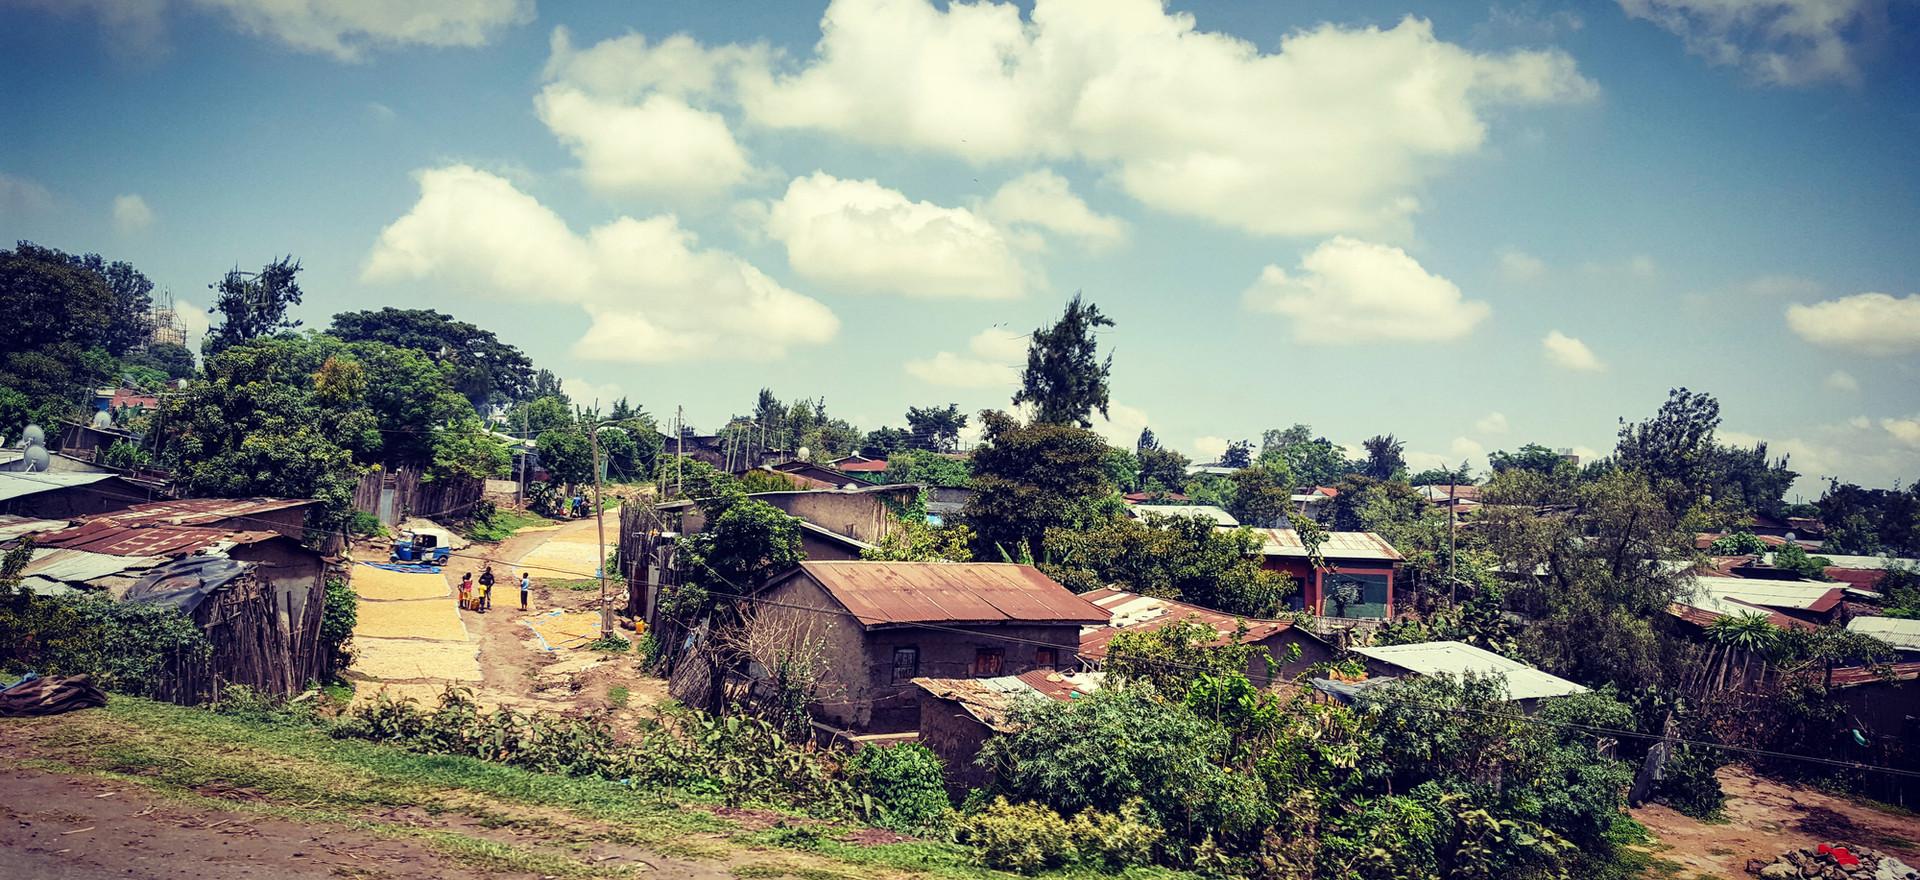 Shashamane Ethiopia.jpg